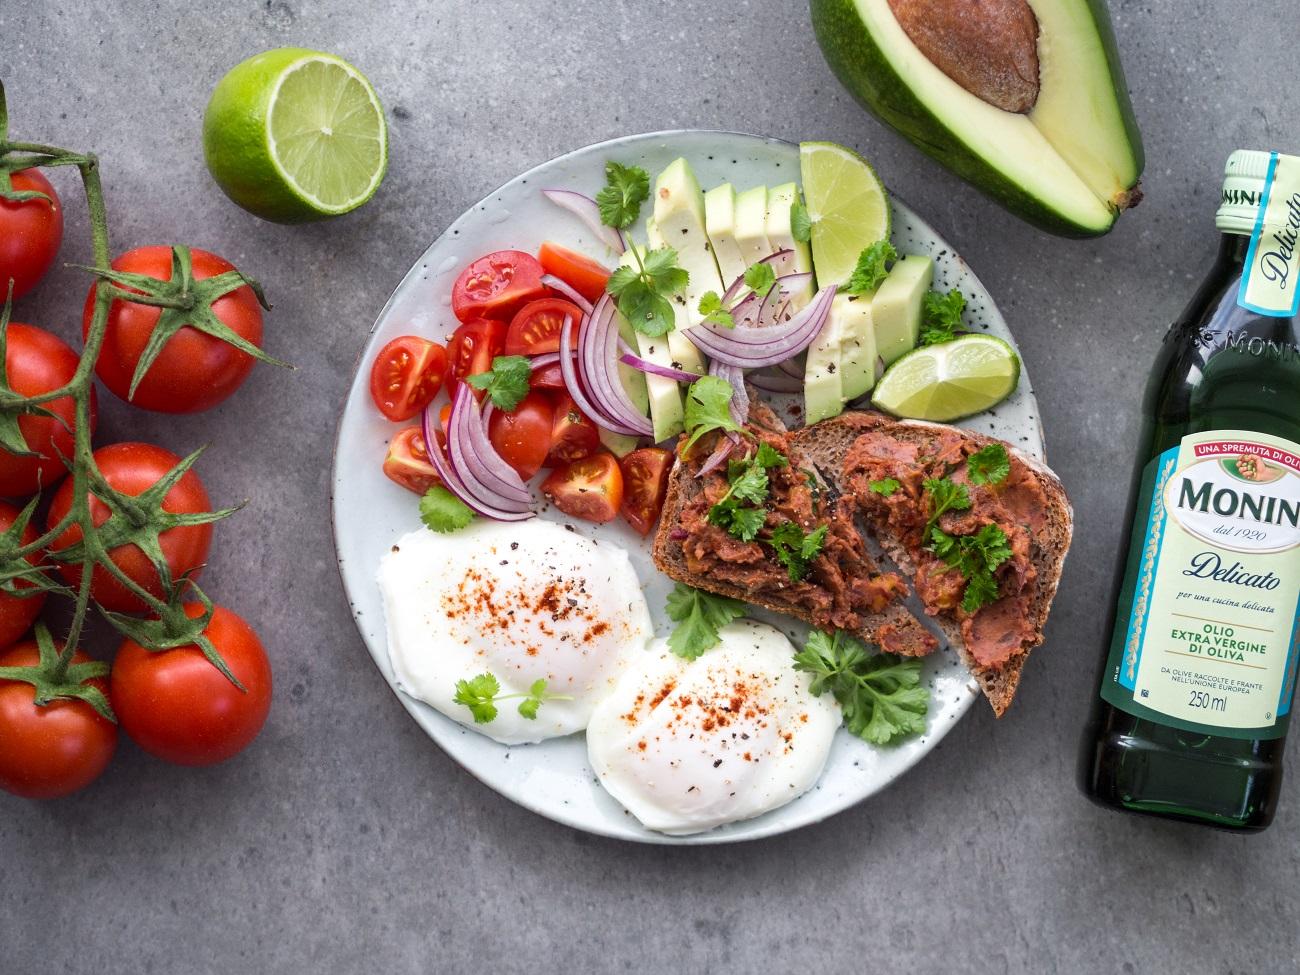 Darmowa Dieta Redukcyjna 1500 Kcal 4 Posilki I 80 90 G Bialka Dziennie